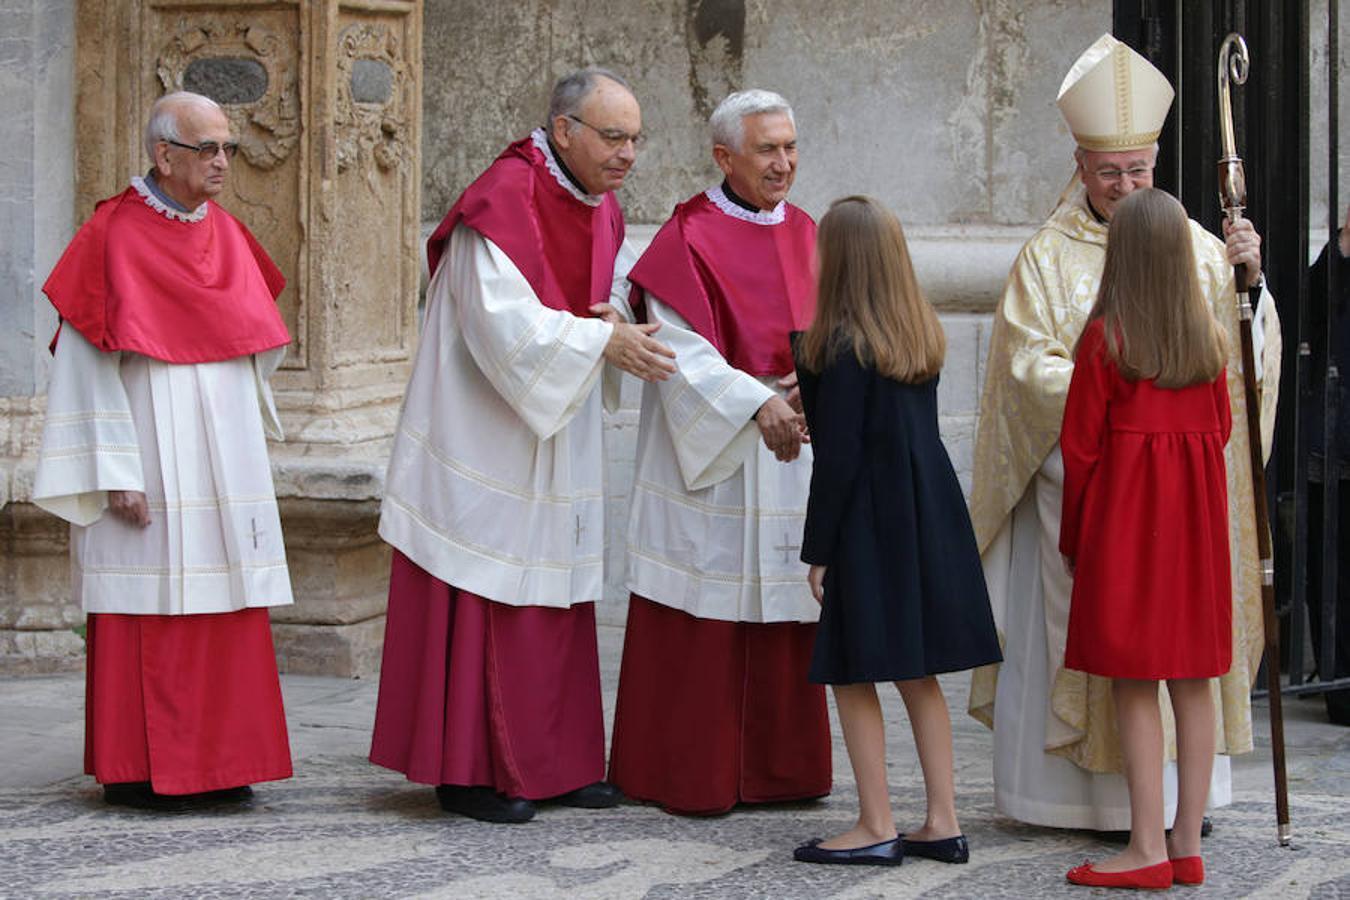 Los Reyes y sus hijas, junto con Doña Sofía, han asistido este domingo a la Misa de Resurrección celebrada al mediodía en la Catedral de Palma.